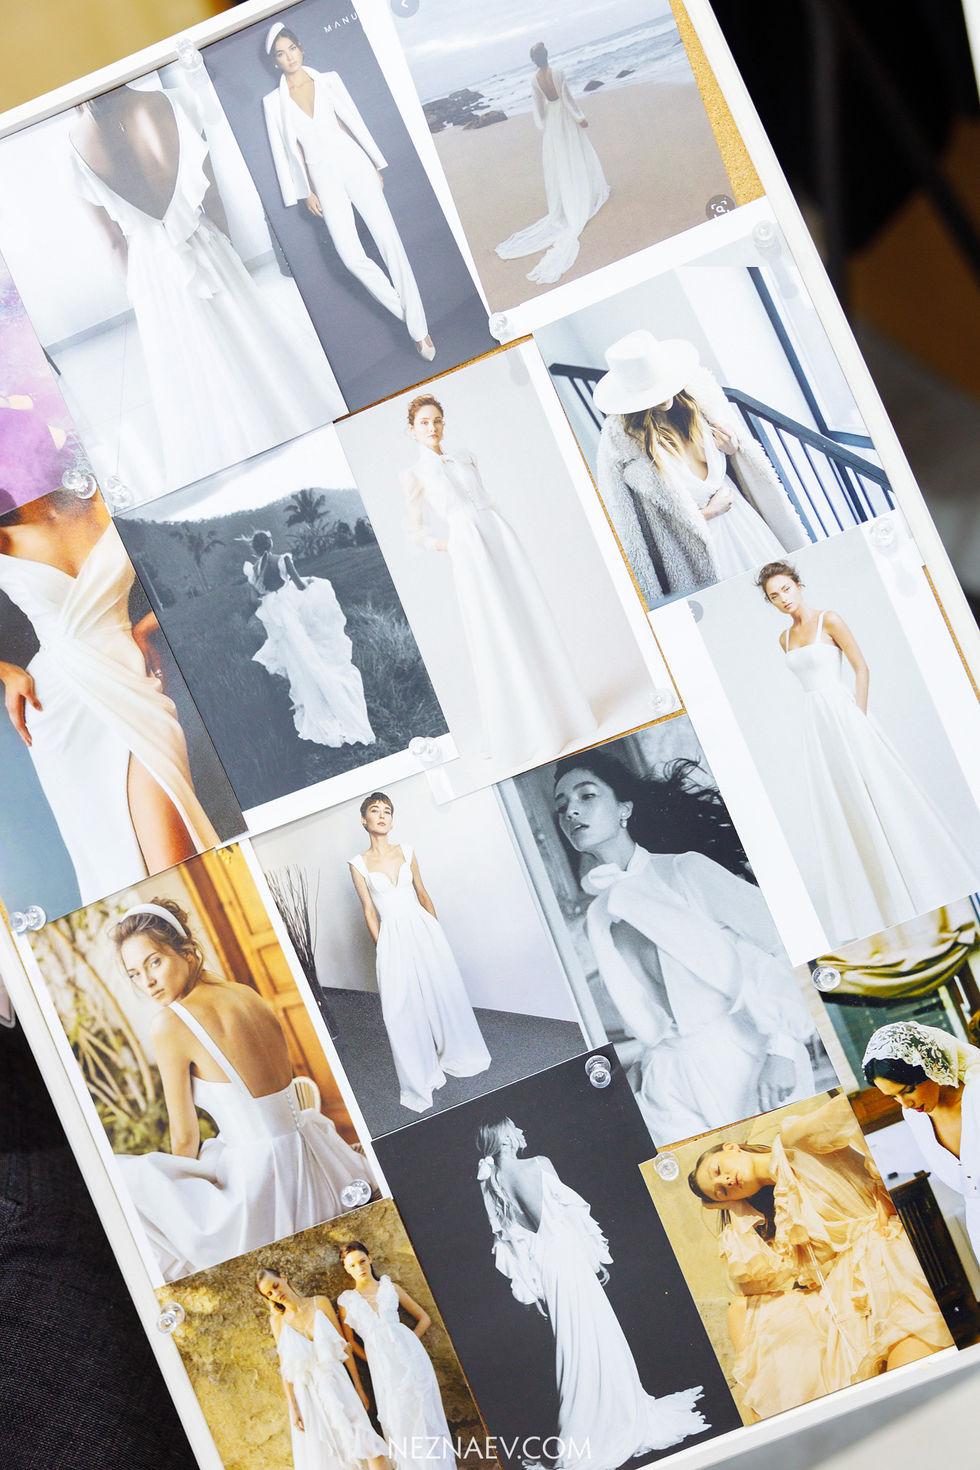 2020.03.01 Wedding Expo-022.jpg